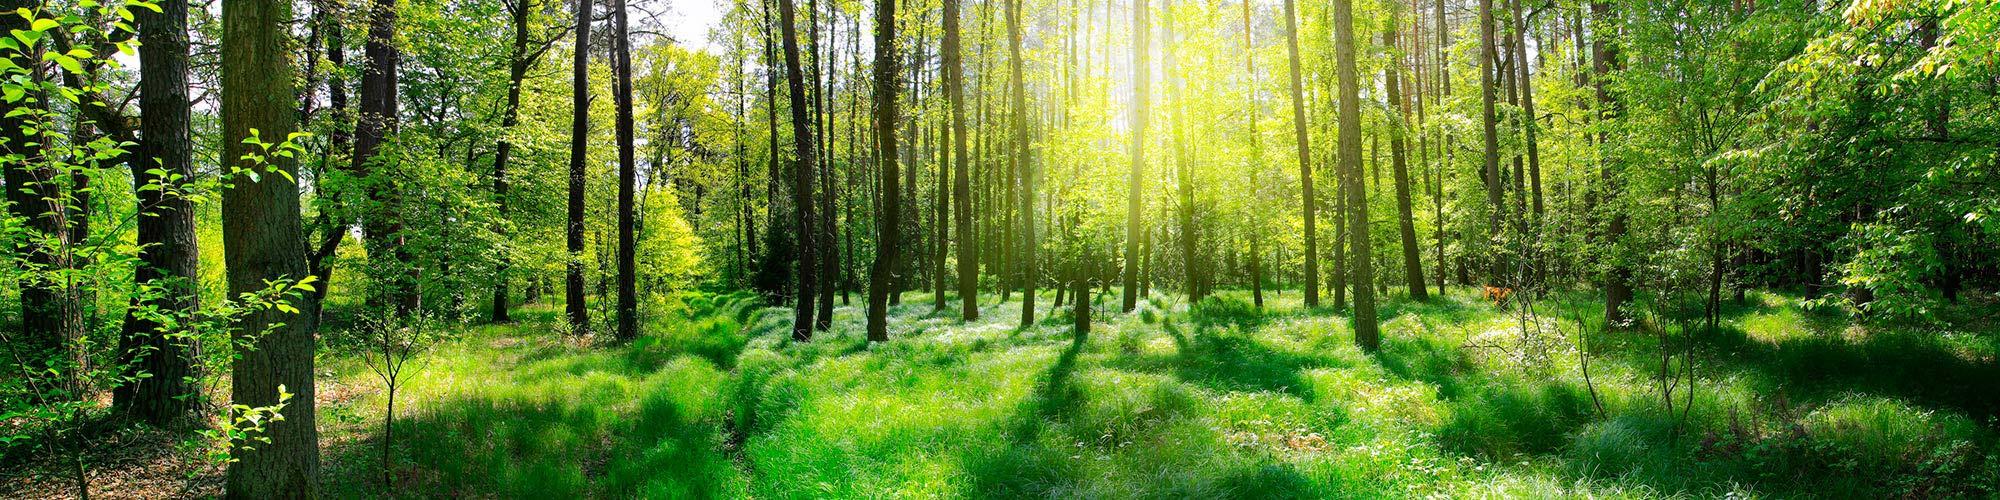 sunshine through woodland trees